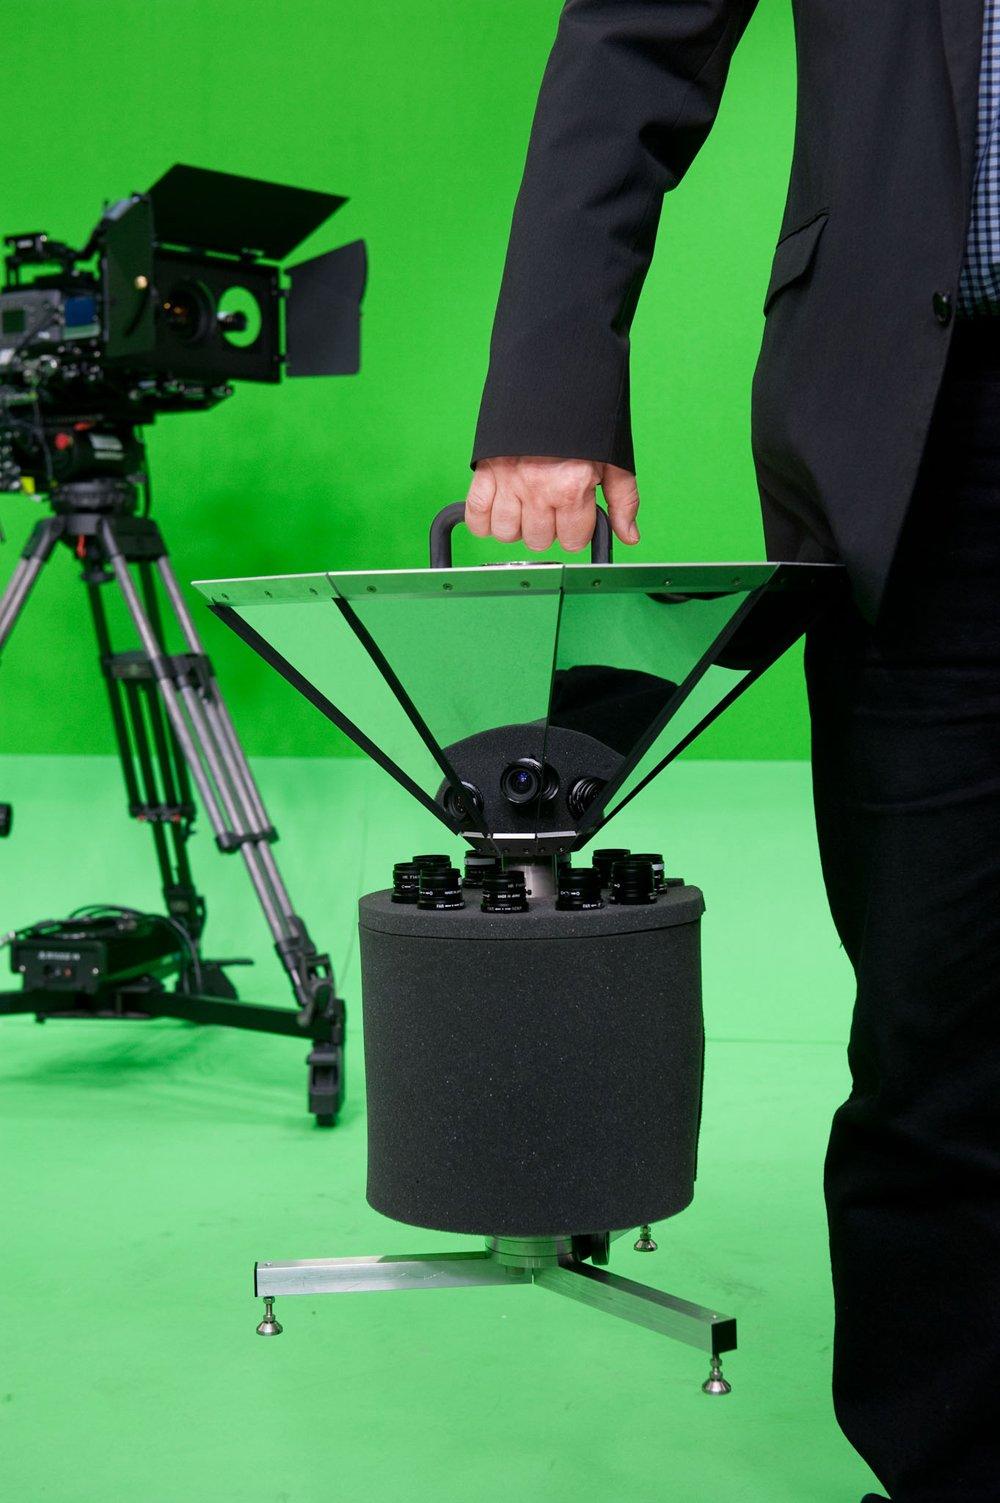 Die neue Panorama-Kamera wiegt nur 15 Kilogramm. Sie kalibriert sich selbst und ist damit unkompliziert einsetzbar.